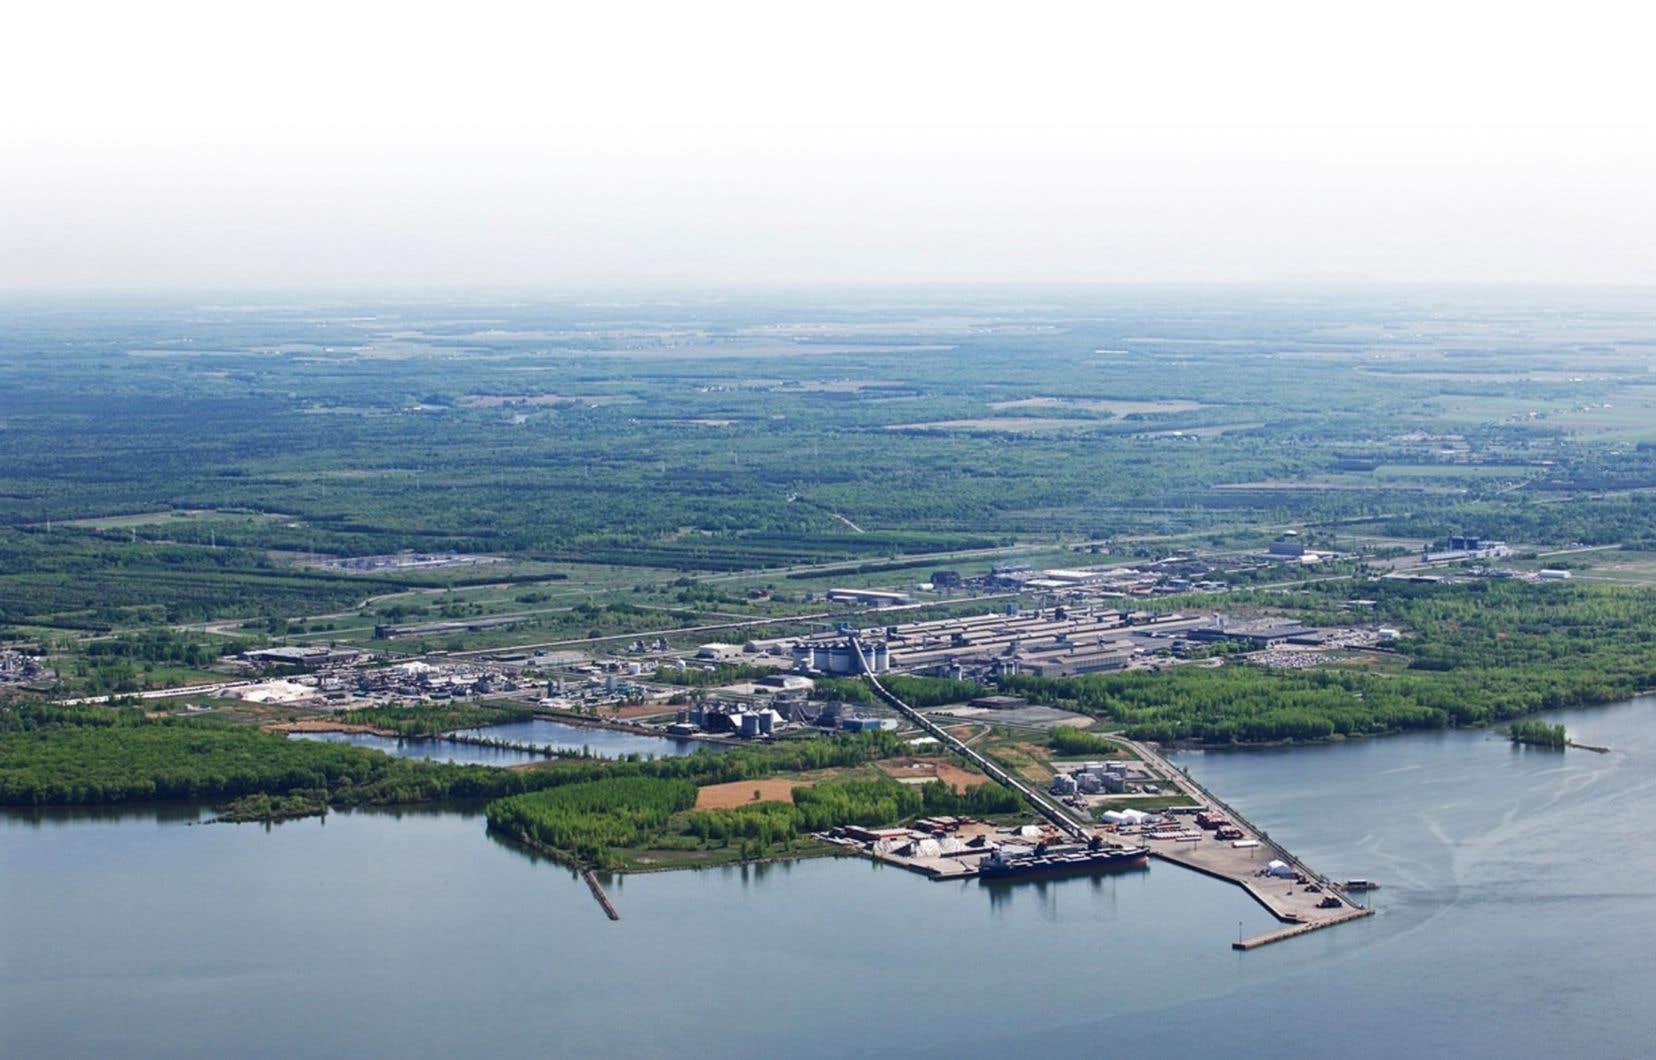 Le sort de la petite ville de Bécancour est toujours étroitement lié à l'industrie. Que ce soit la centrale nucléaire de Gentilly forcée de fermer en 2012, le lockout de l'aluminerie ABI ou encore l'abandon du projet d'usine d'urée et de méthanol dans le parc industriel et portuaire de Bécancour, la ville et son port ont souvent été à la merci de la venue, du retrait, des menaces ou des départs de grandes industries.